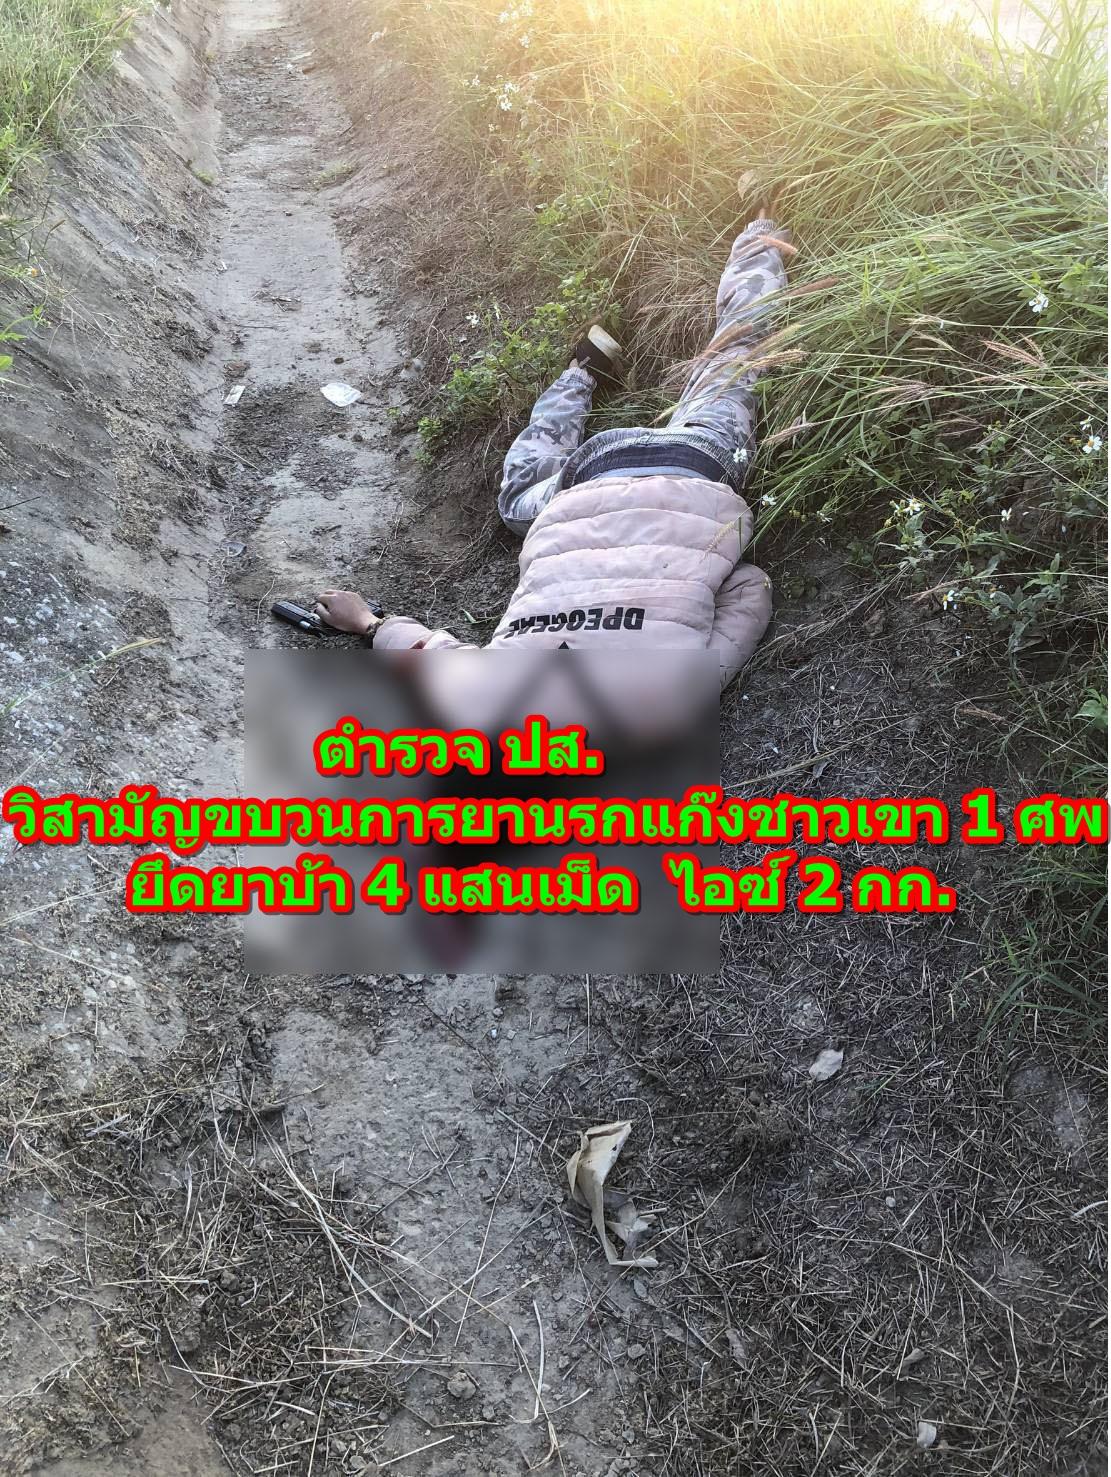 ตำรวจ ปส.วิสามัญขบวนการค้ายานรกแก๊งชาวเขา 1 ศพ ยึดยาบ้า 4 แสนเม็ด ไอซ์ 2 กก.